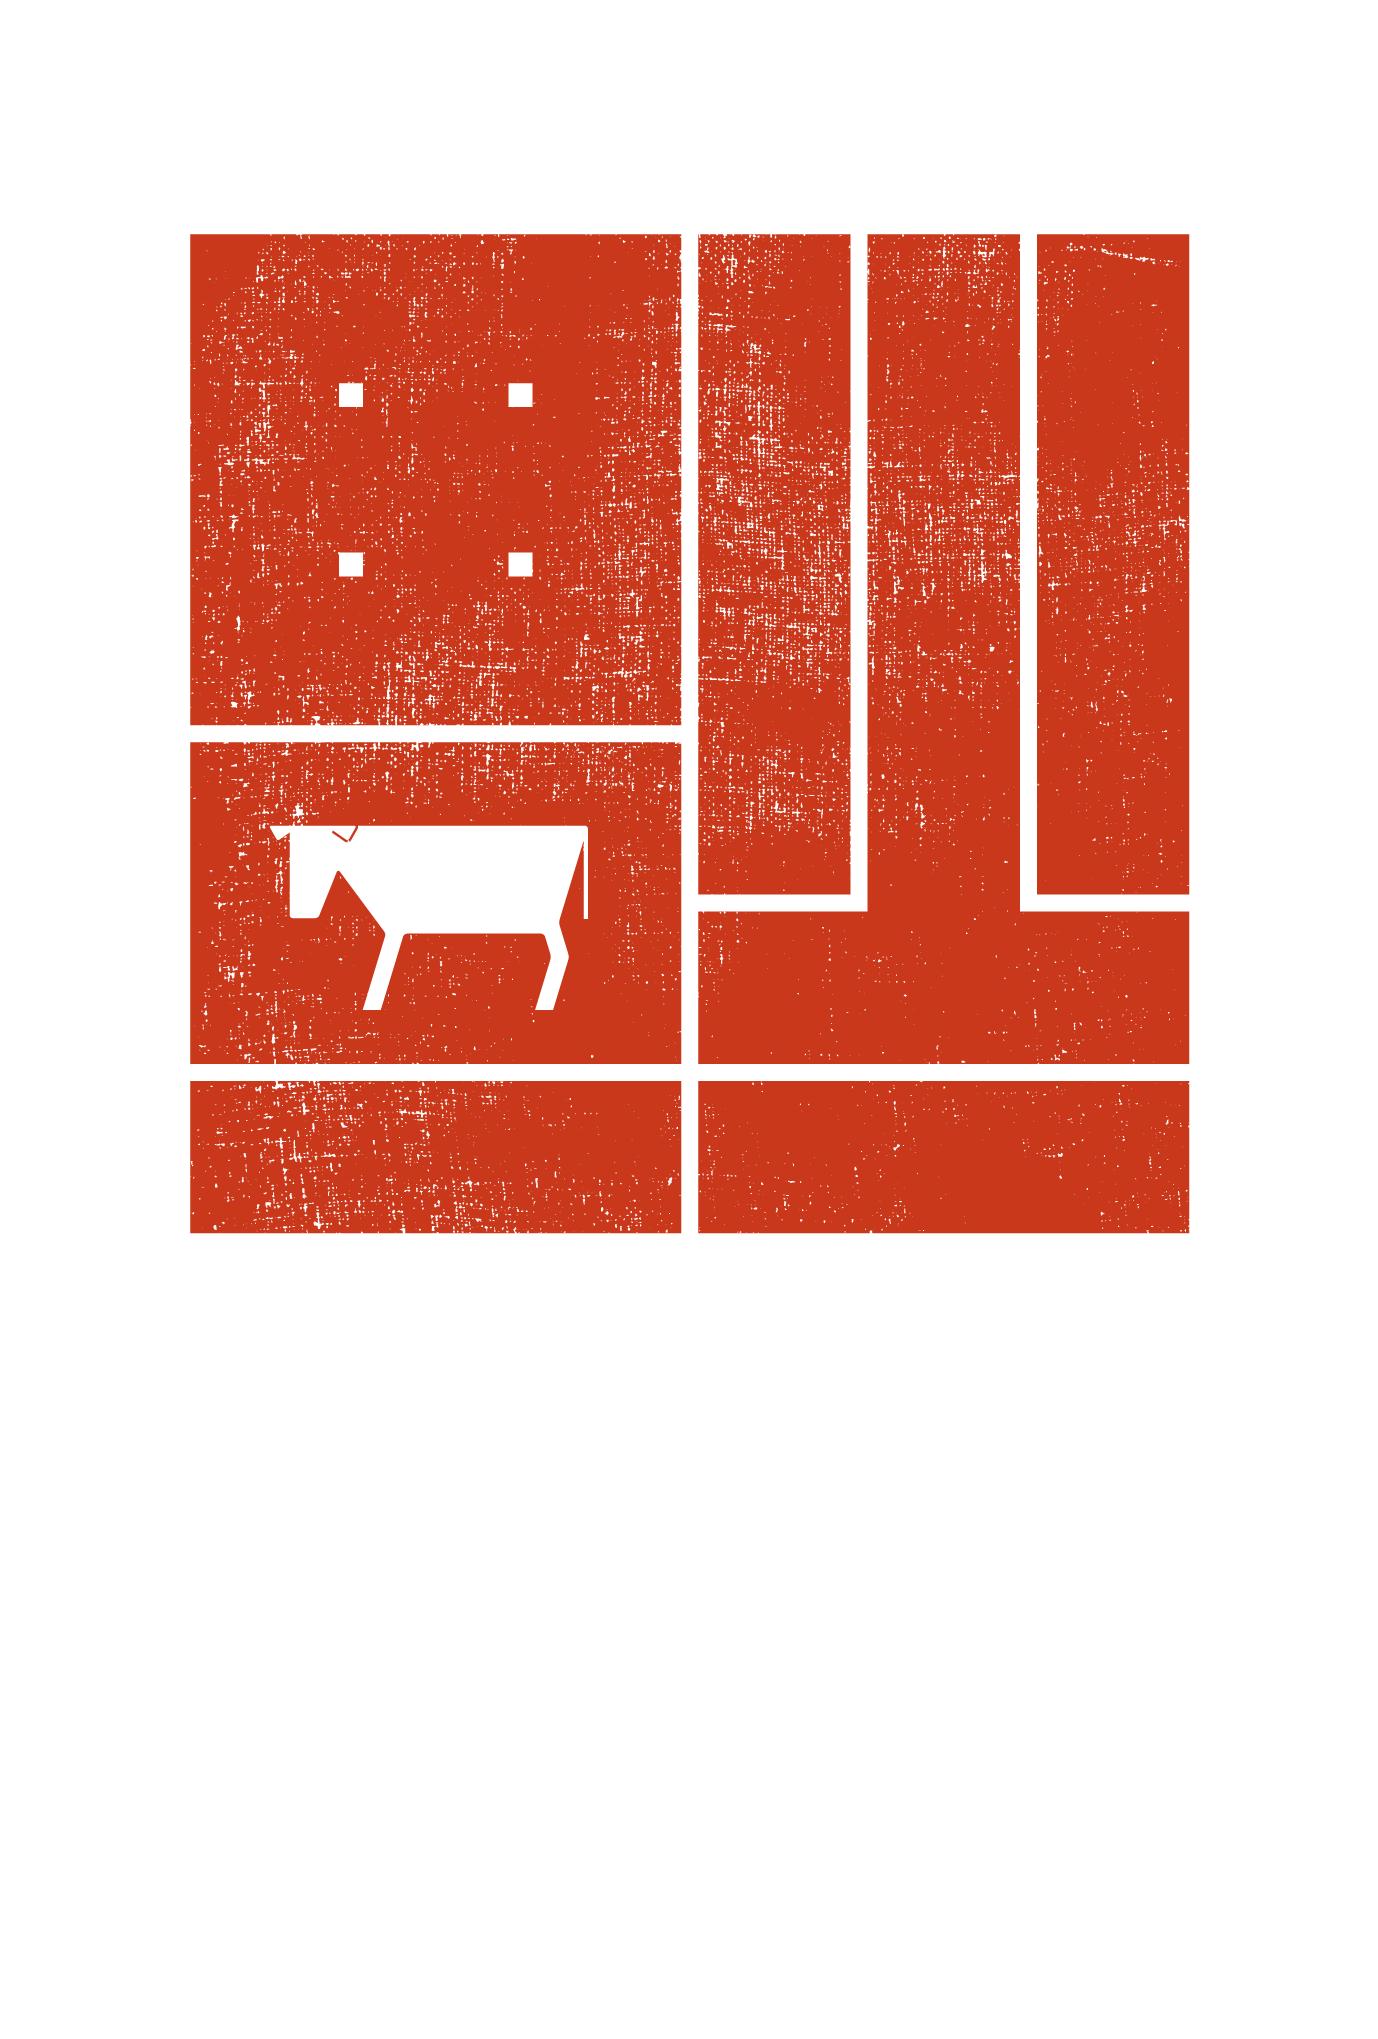 2021春節01-2:倒福(赤)のダウンロード画像